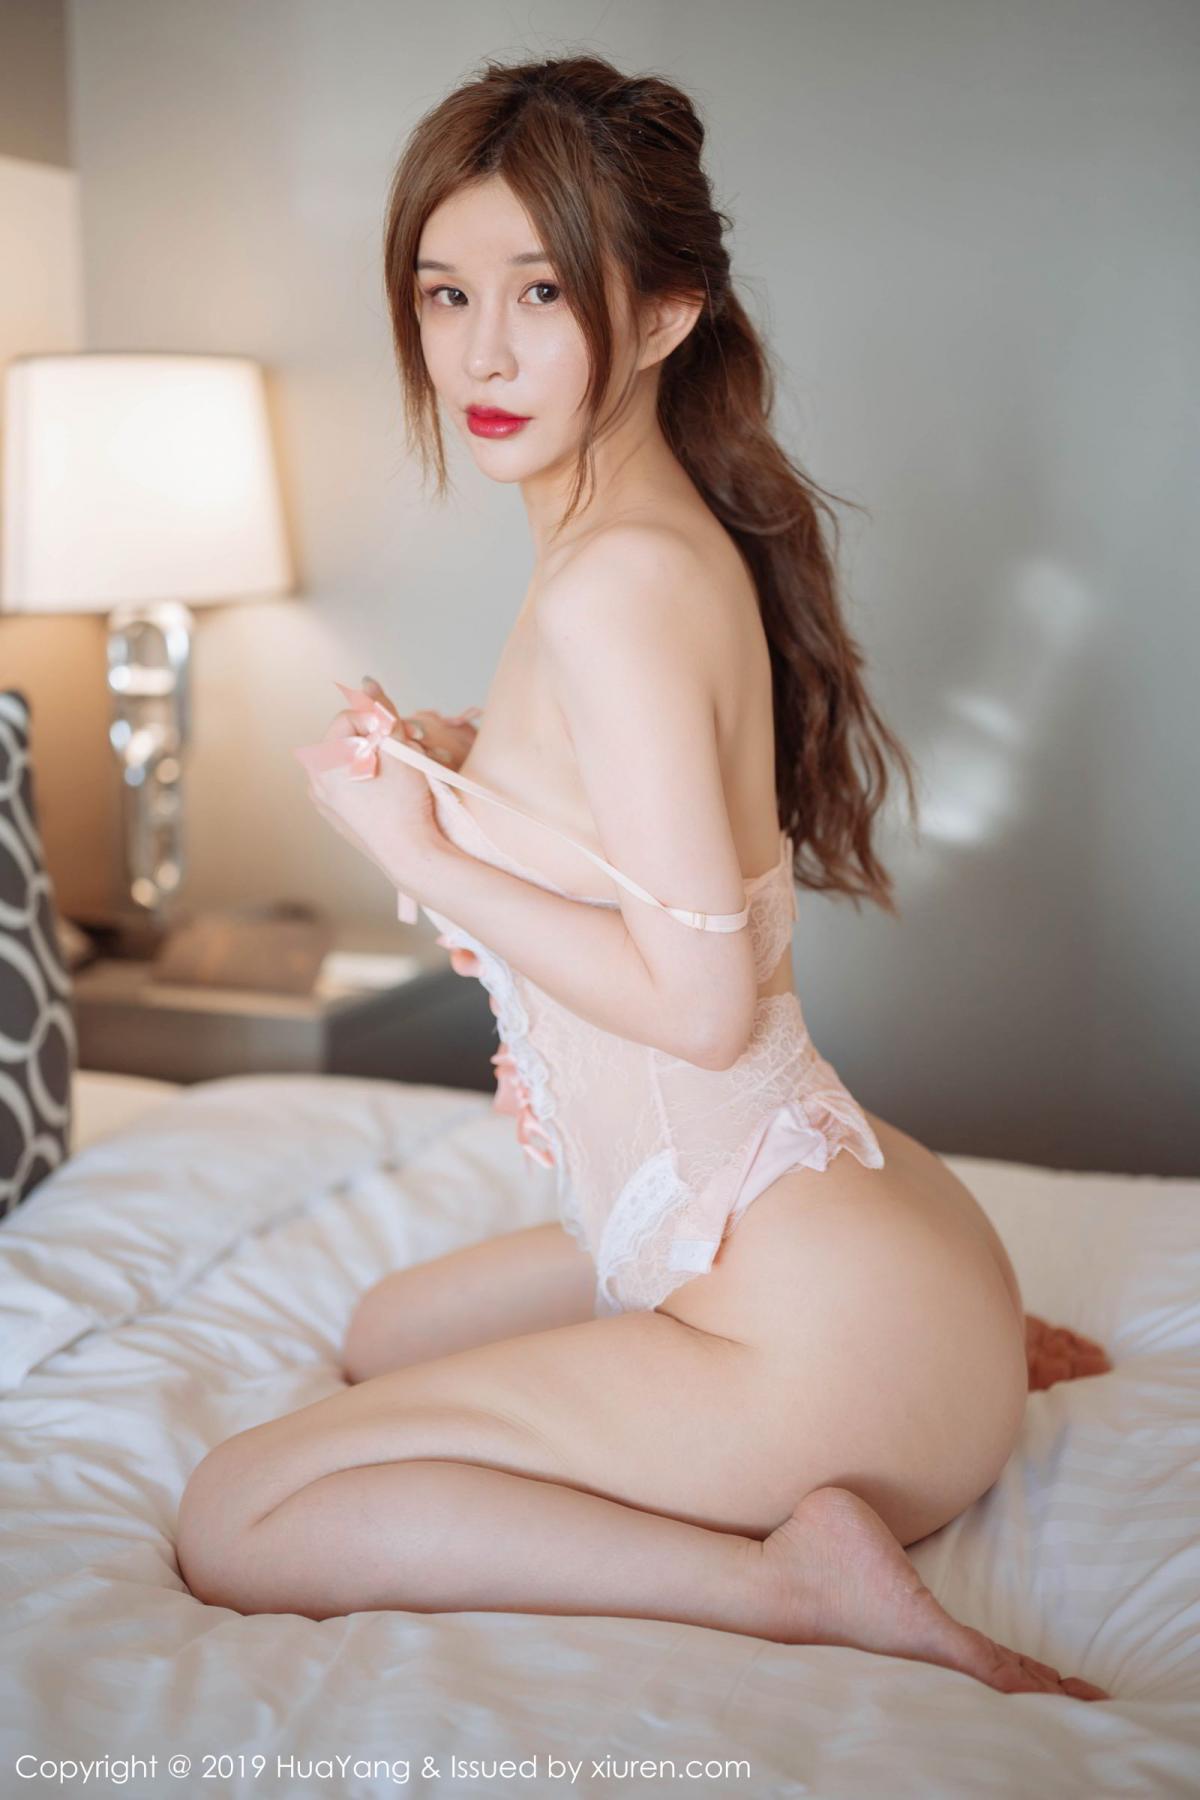 [Huayang] Vol.151 Chun Xiao Xi 30P, Chun Xiao Xi, HuaYang